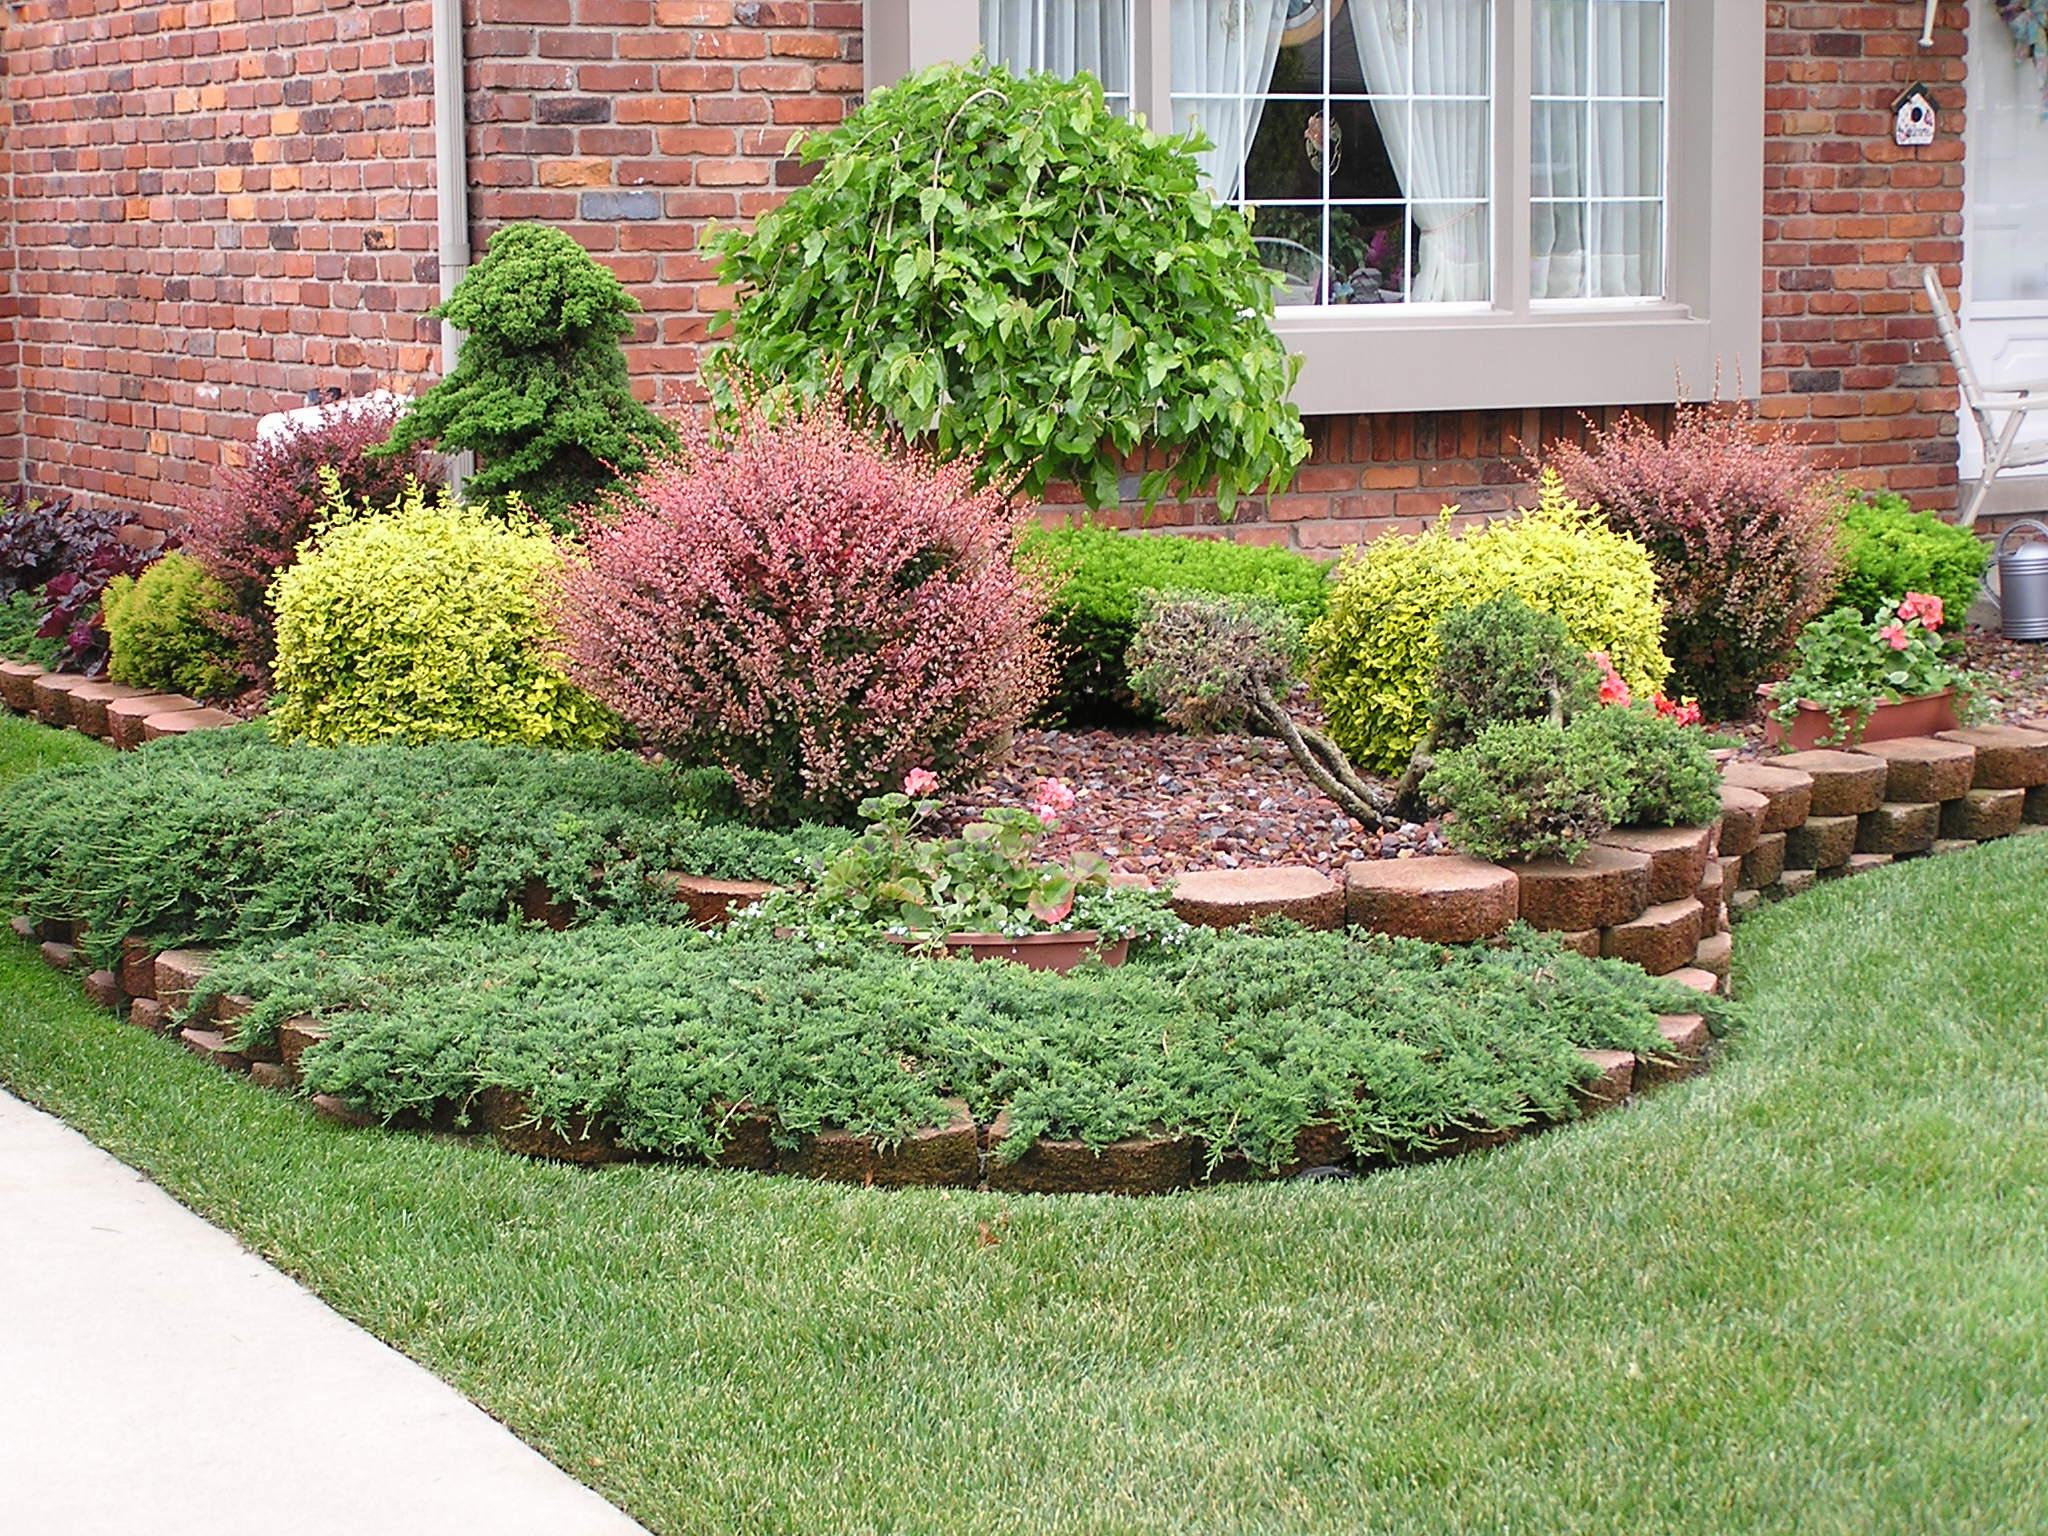 garden design ideas shrubs photo - 3